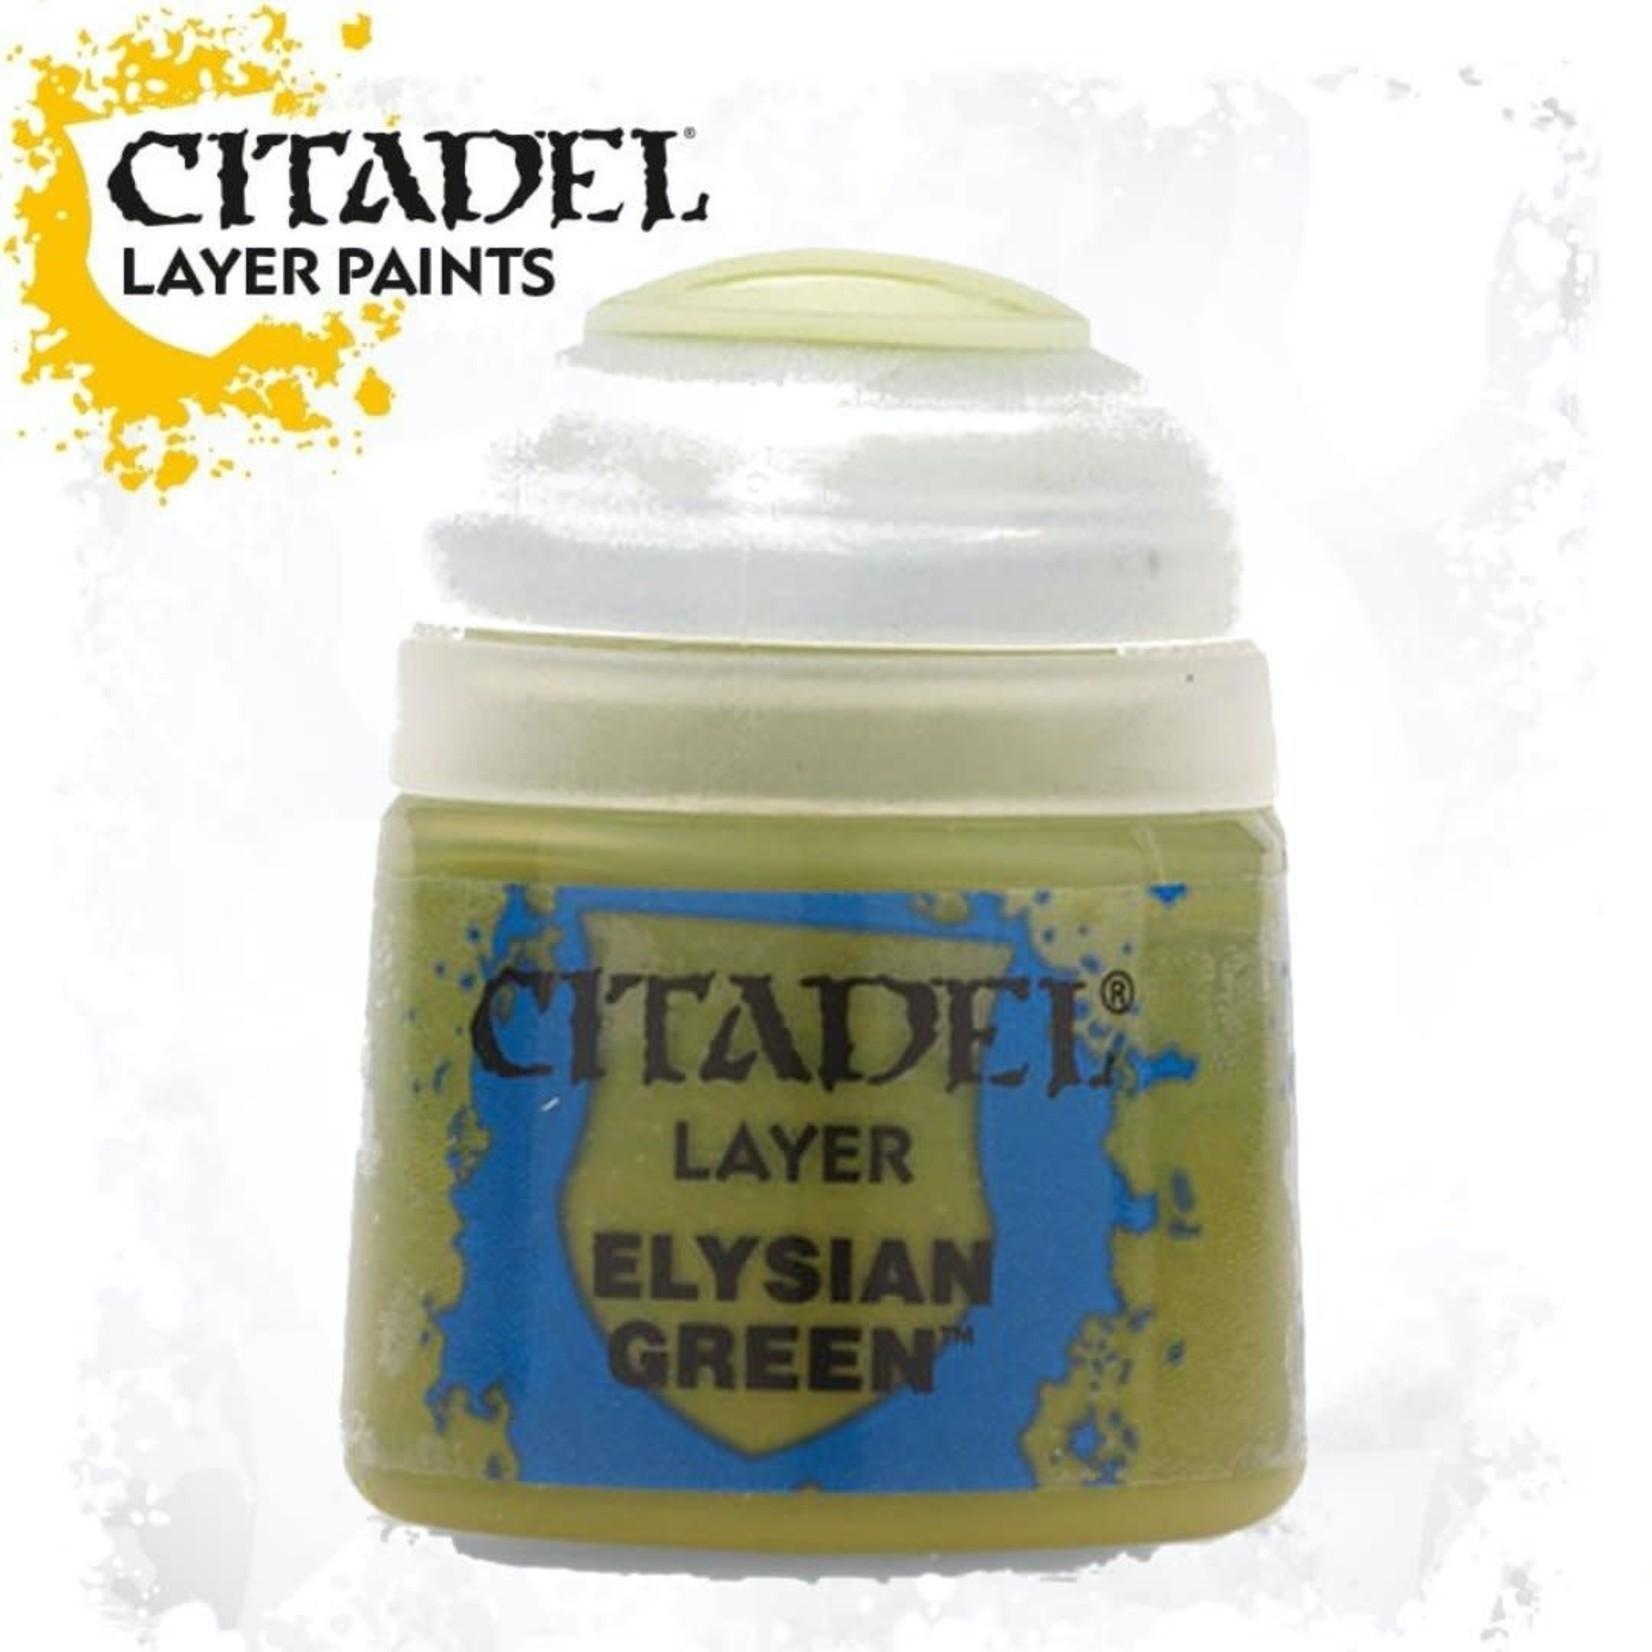 Citadel Citadel Paint - Layer: Elysian Green